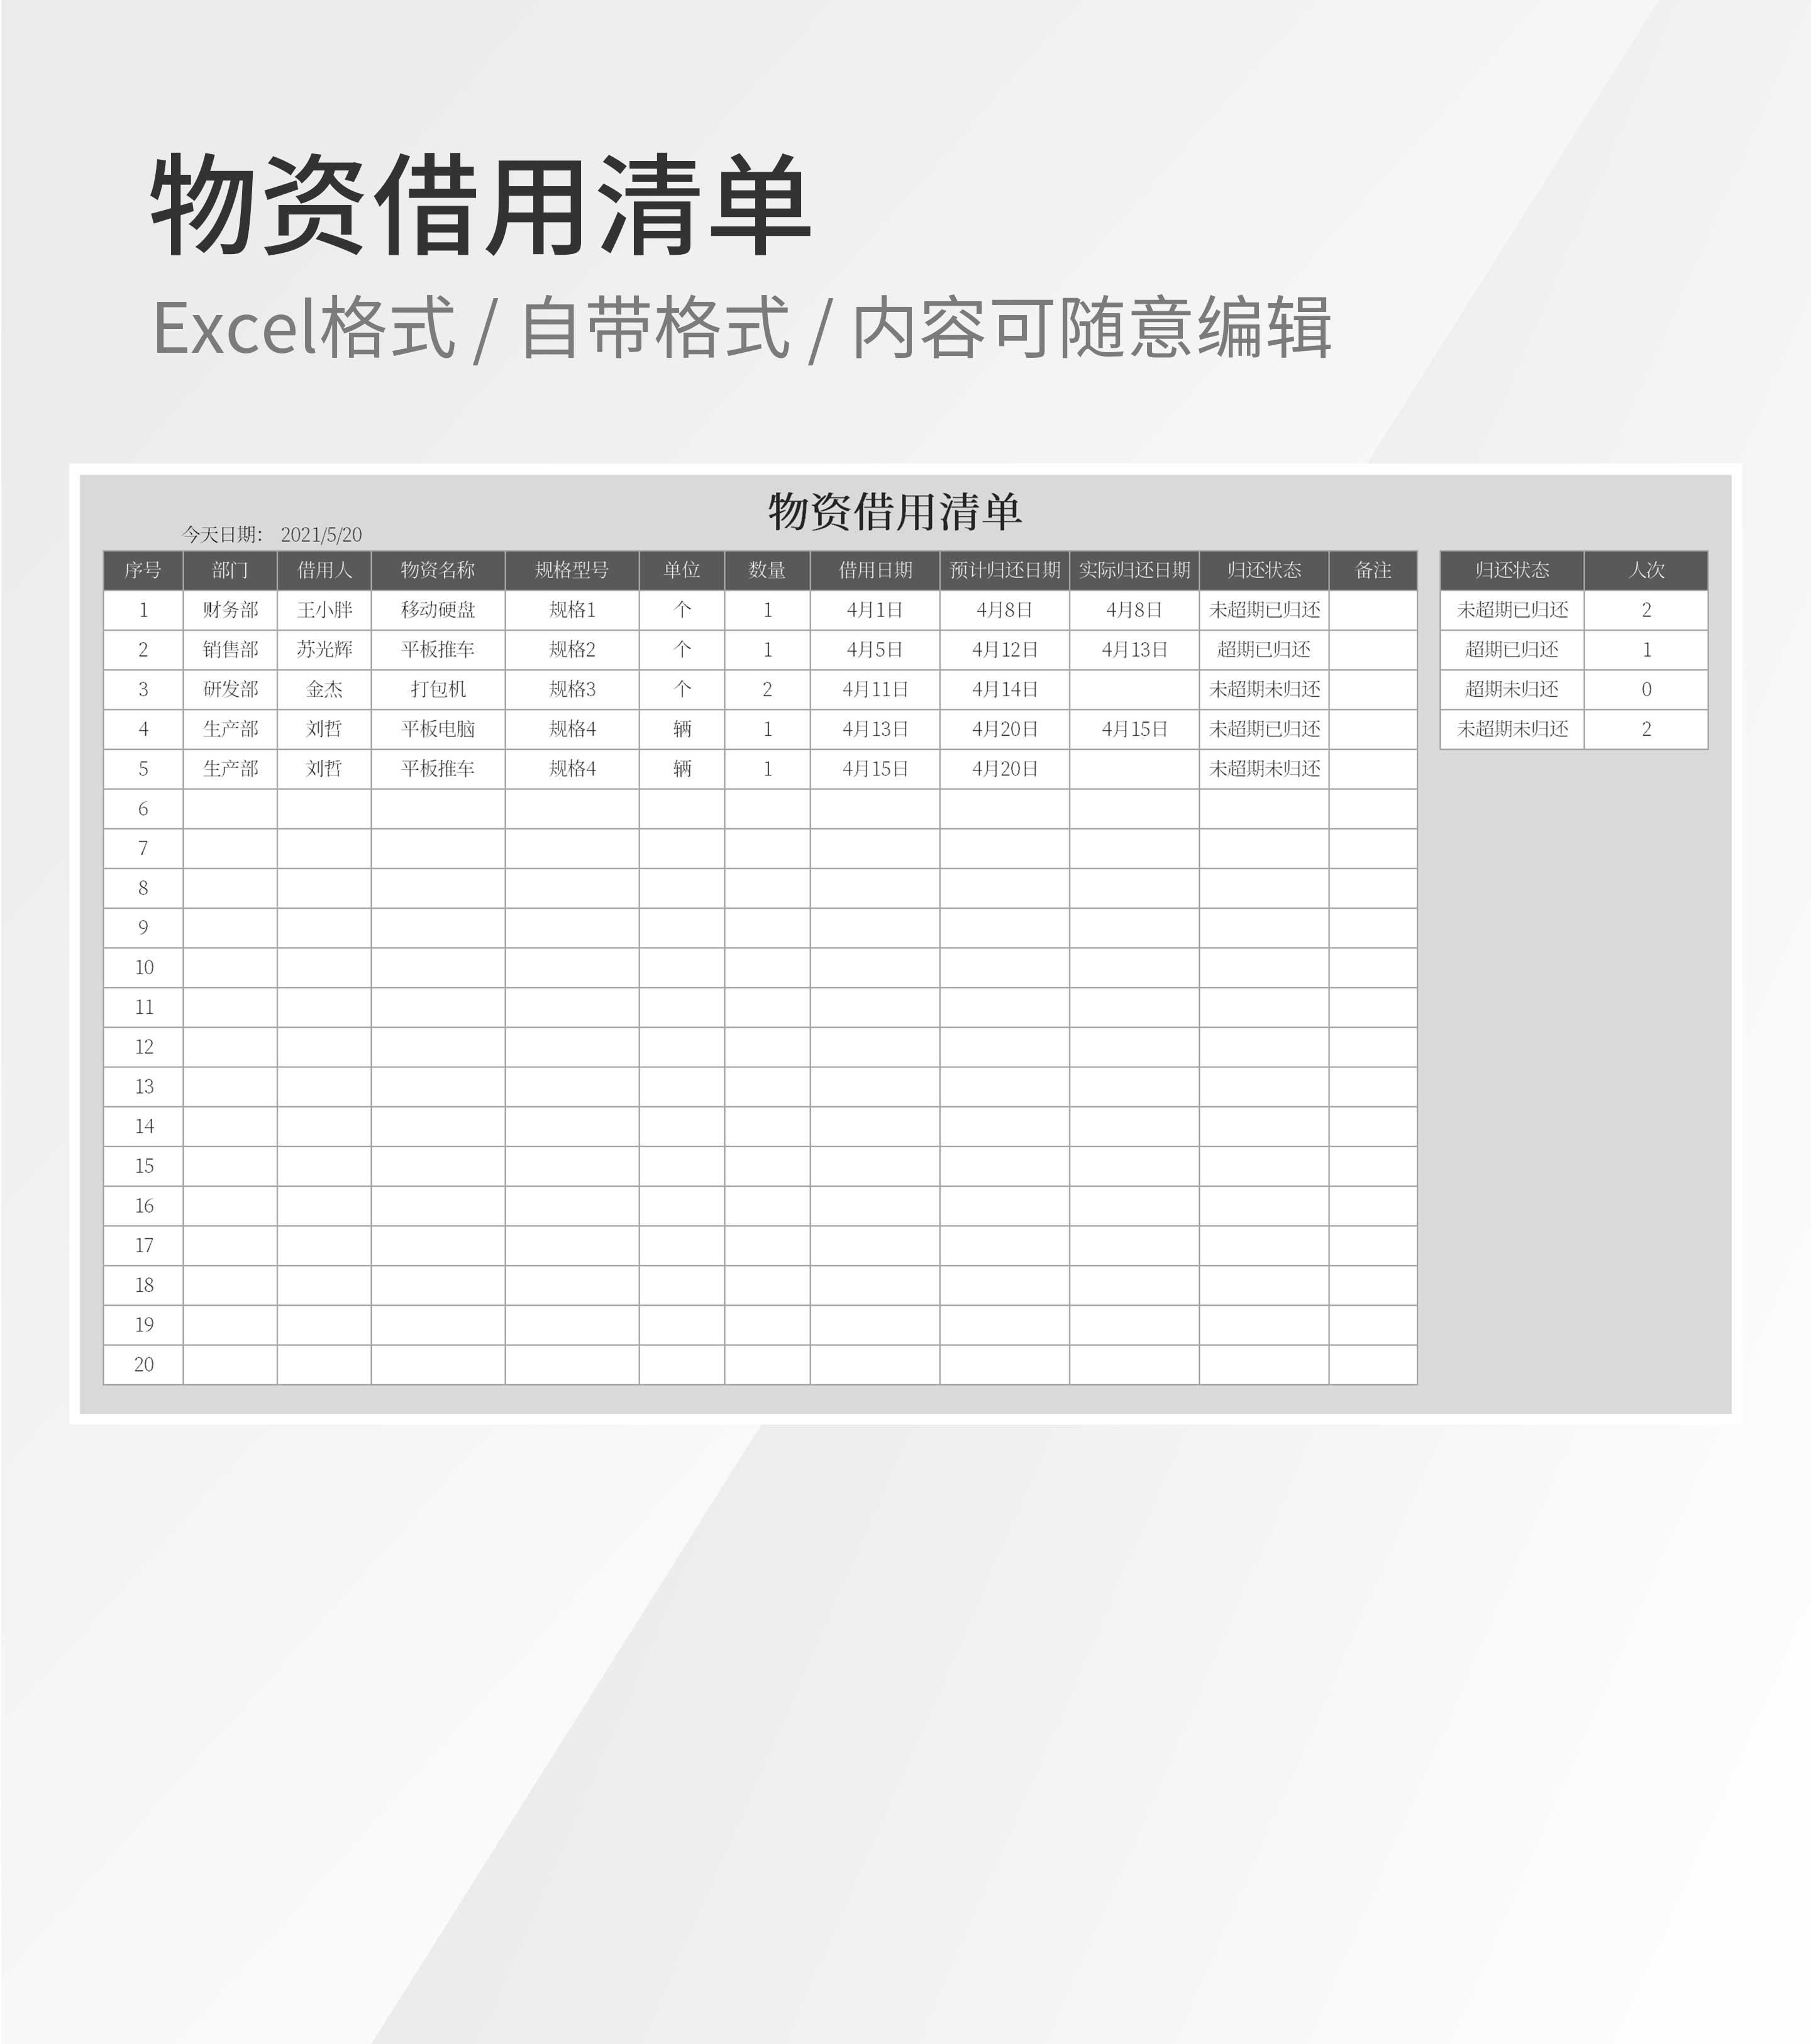 公司部门物资借用清单Excel模板